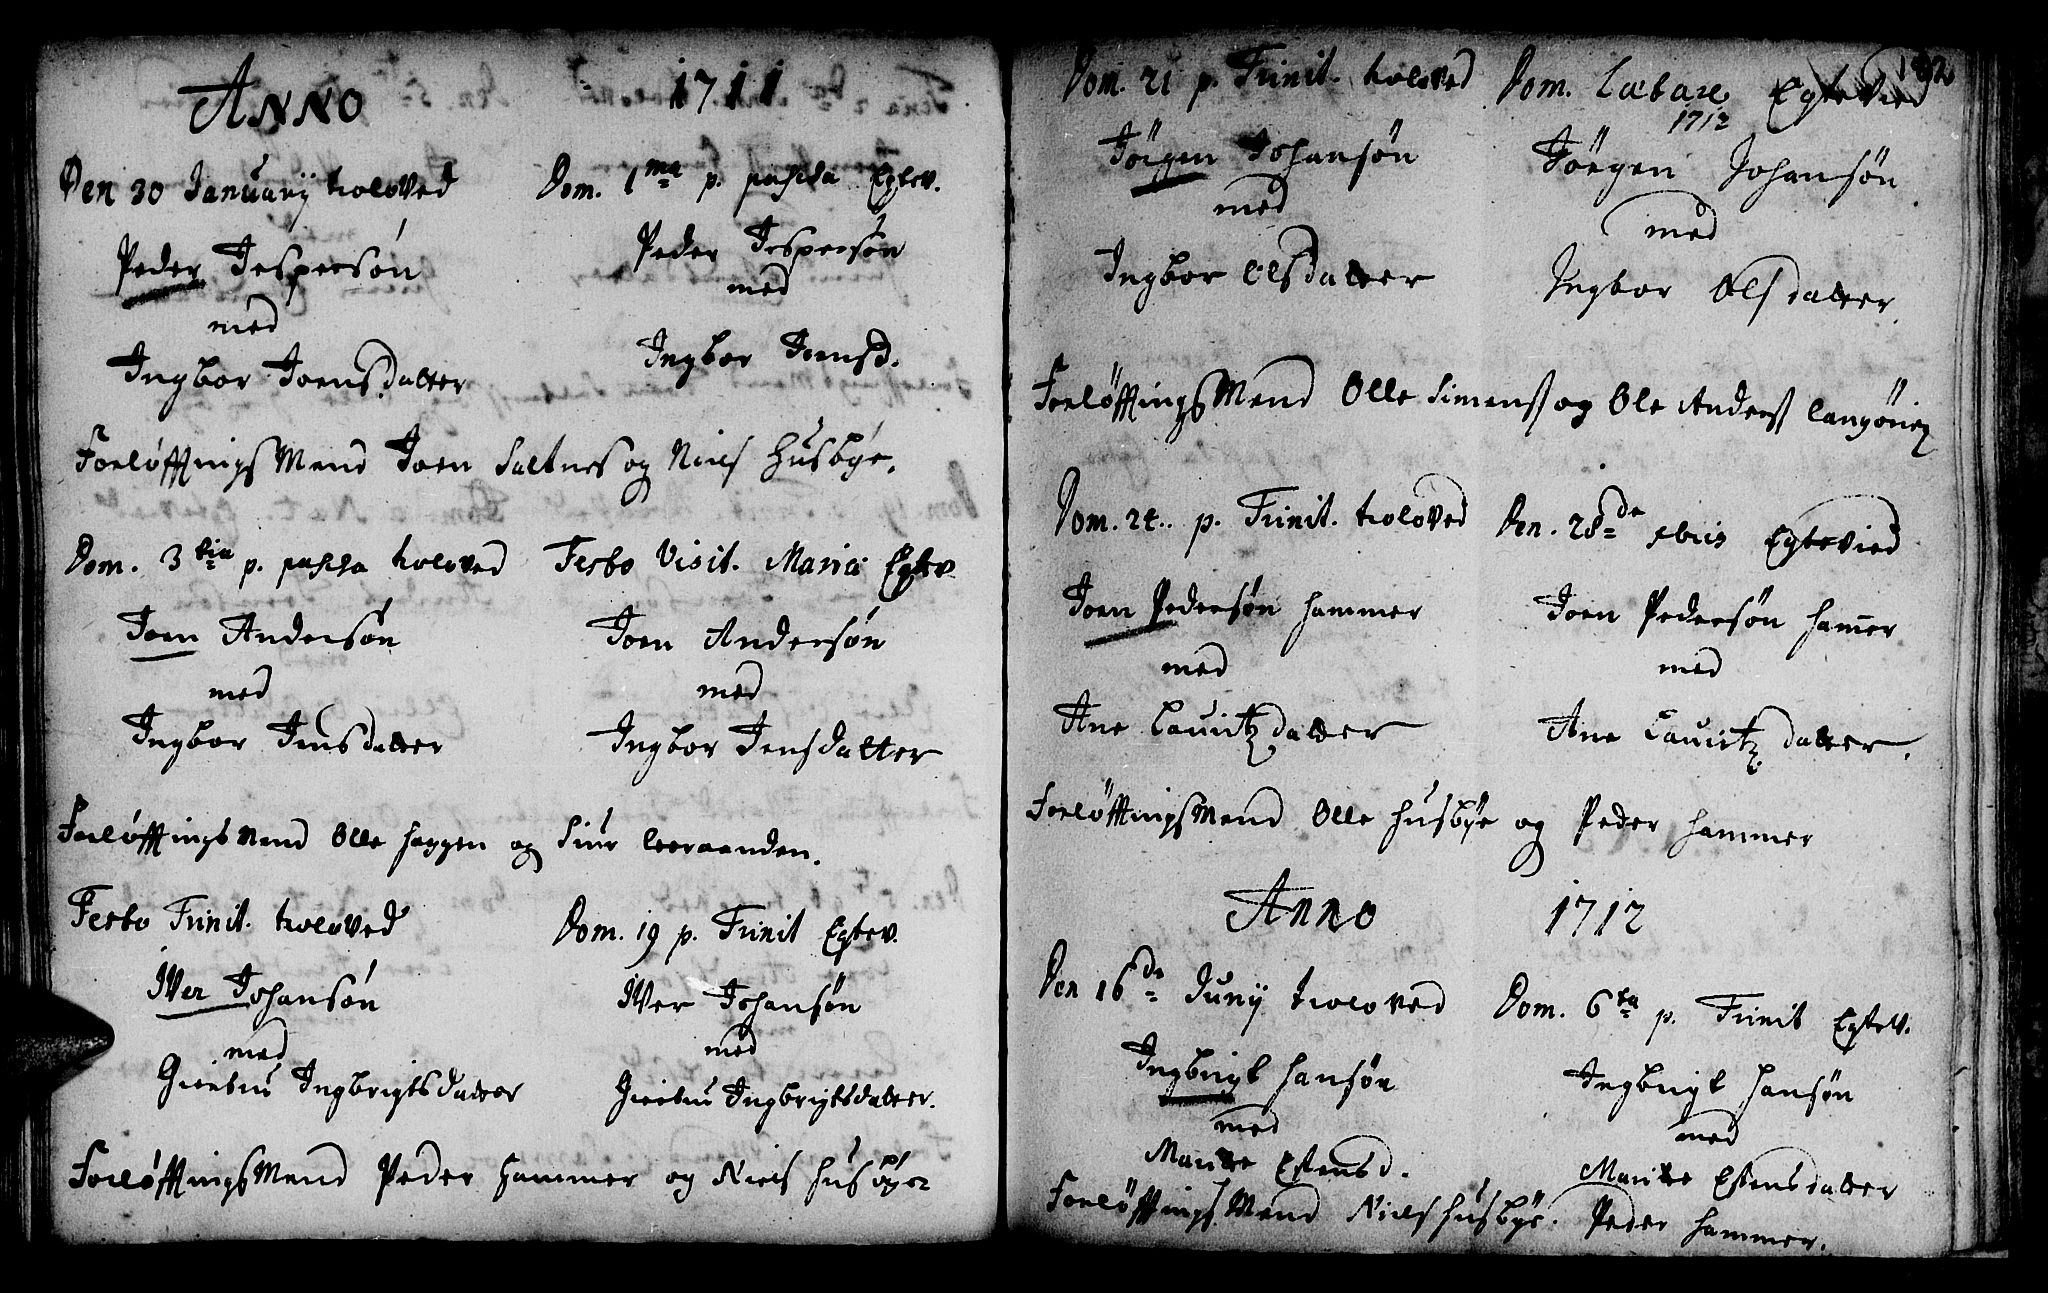 SAT, Ministerialprotokoller, klokkerbøker og fødselsregistre - Sør-Trøndelag, 666/L0783: Ministerialbok nr. 666A01, 1702-1753, s. 182